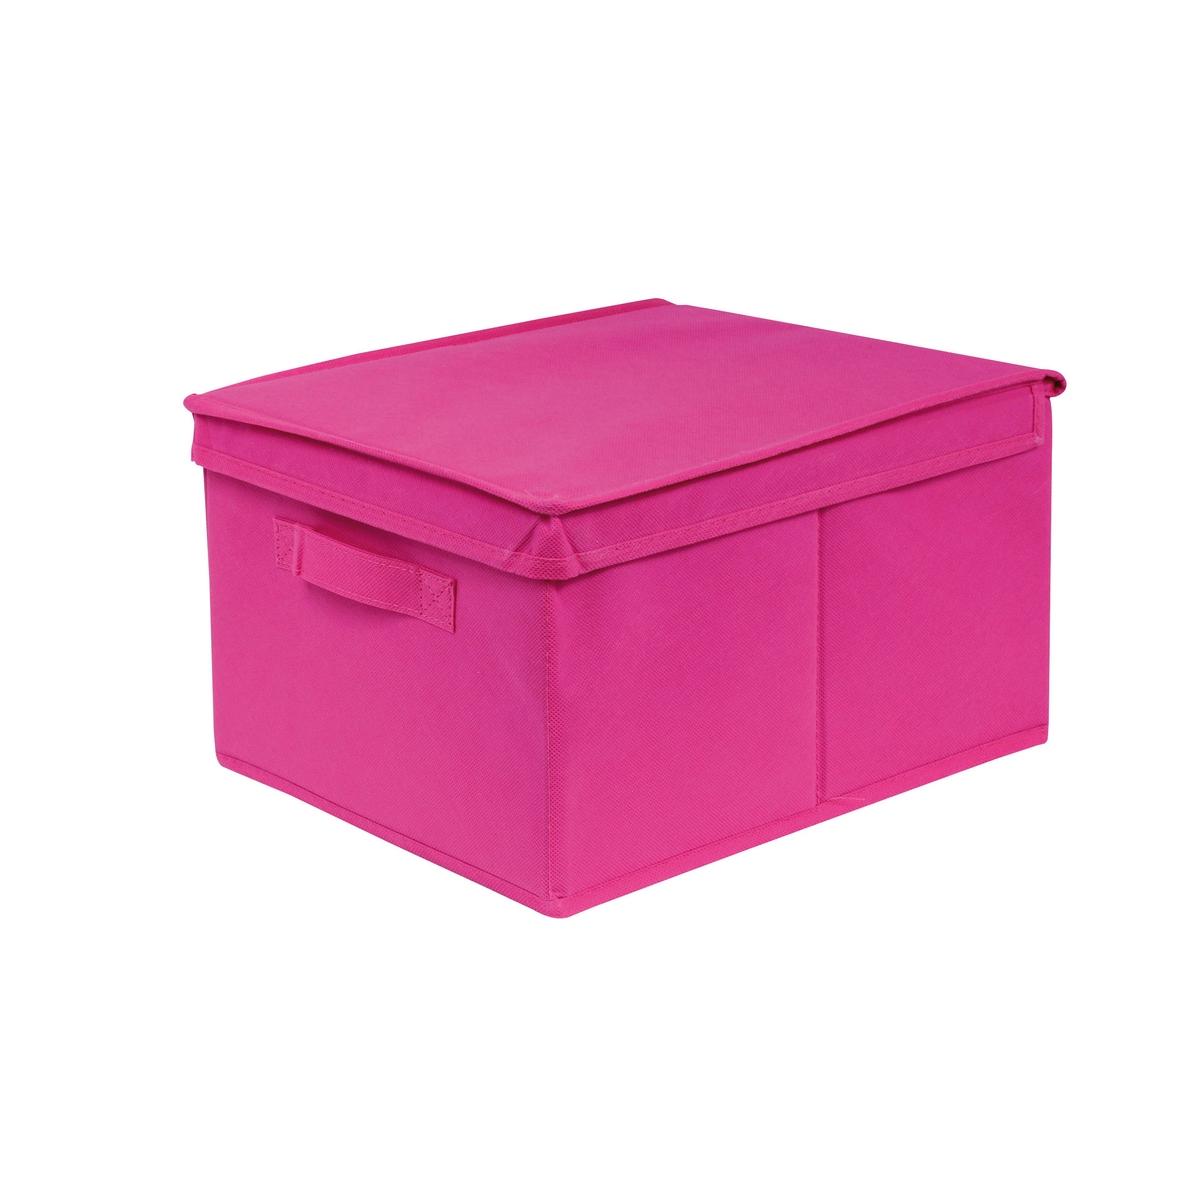 Короб 28 x 20 x 35 см, DeniseЕго прямоугольная форма позволяет хранить перчатки, шарфы, канцелярские товары и различные аксессуары . Детская комната, административные архивы, сезонные вещи или домашний текстиль… короб Denise - ультрапрактичное решение для хранения любых вещей !Характеристики короба Denise  :каркас из картона (толщ.. 1,8 мм)Обивка из ткани, 80 г/м2Описание короба Denise :Ручка спереди Крышки открывается вверх СкладнойКороба различных размеров можно найти на нашем сайте Откройте для себя всю коллекцию Denise на сайте laredoute.ruРазмеры короба Denise:Ш.28 x В.35 x Г.20 см .<br><br>Цвет: розовый<br>Размер: единый размер